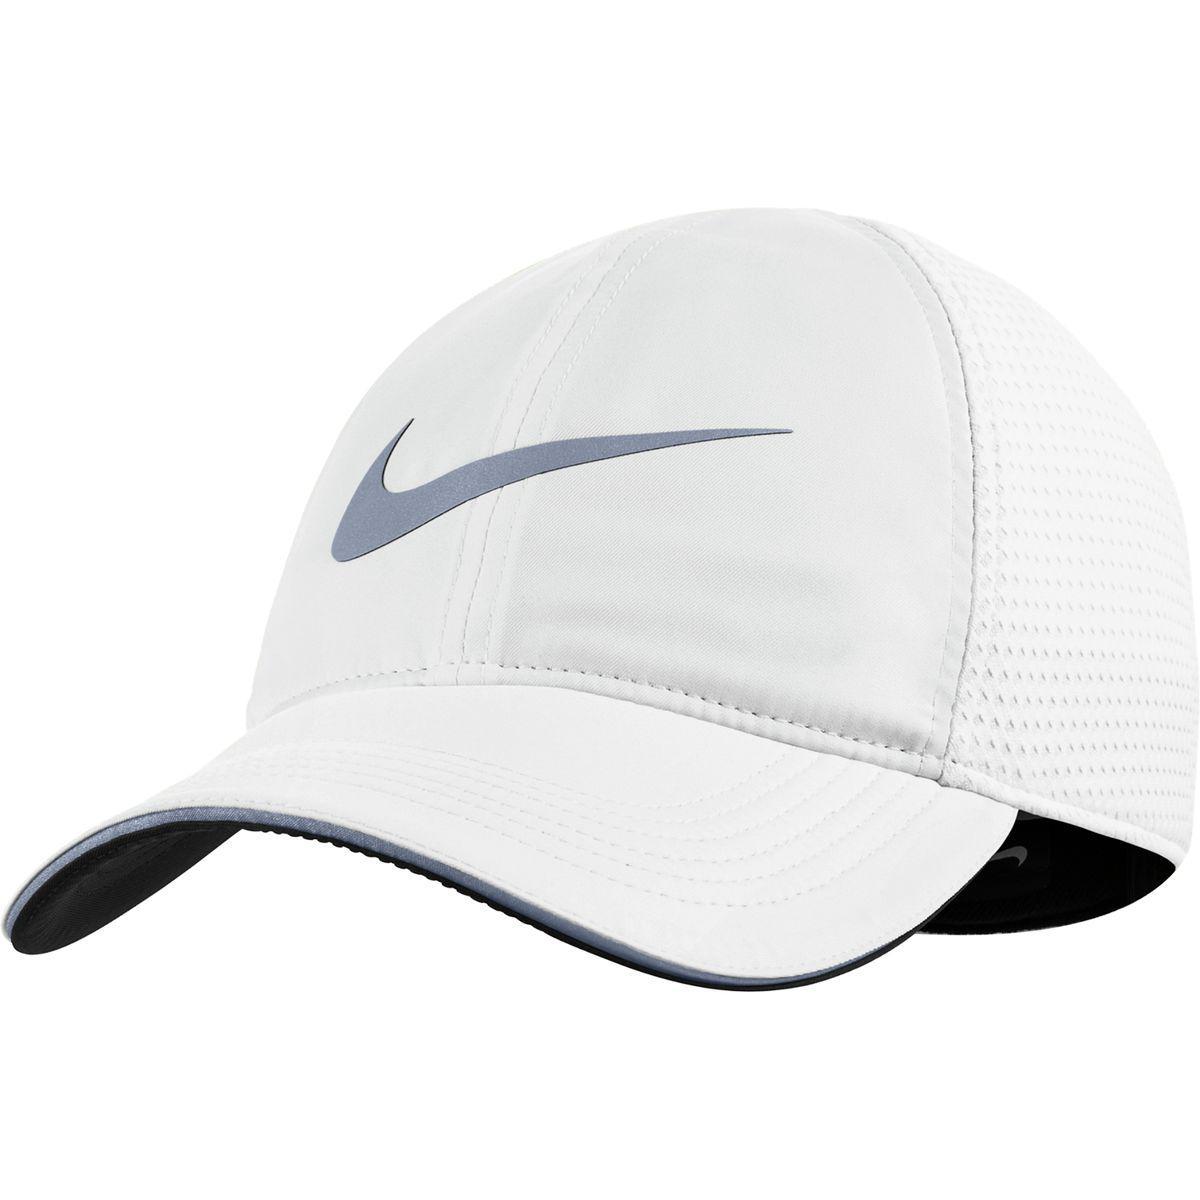 19c811ae3e39c Nike Aerobill Heritage Elite Running Hat in White for Men - Lyst